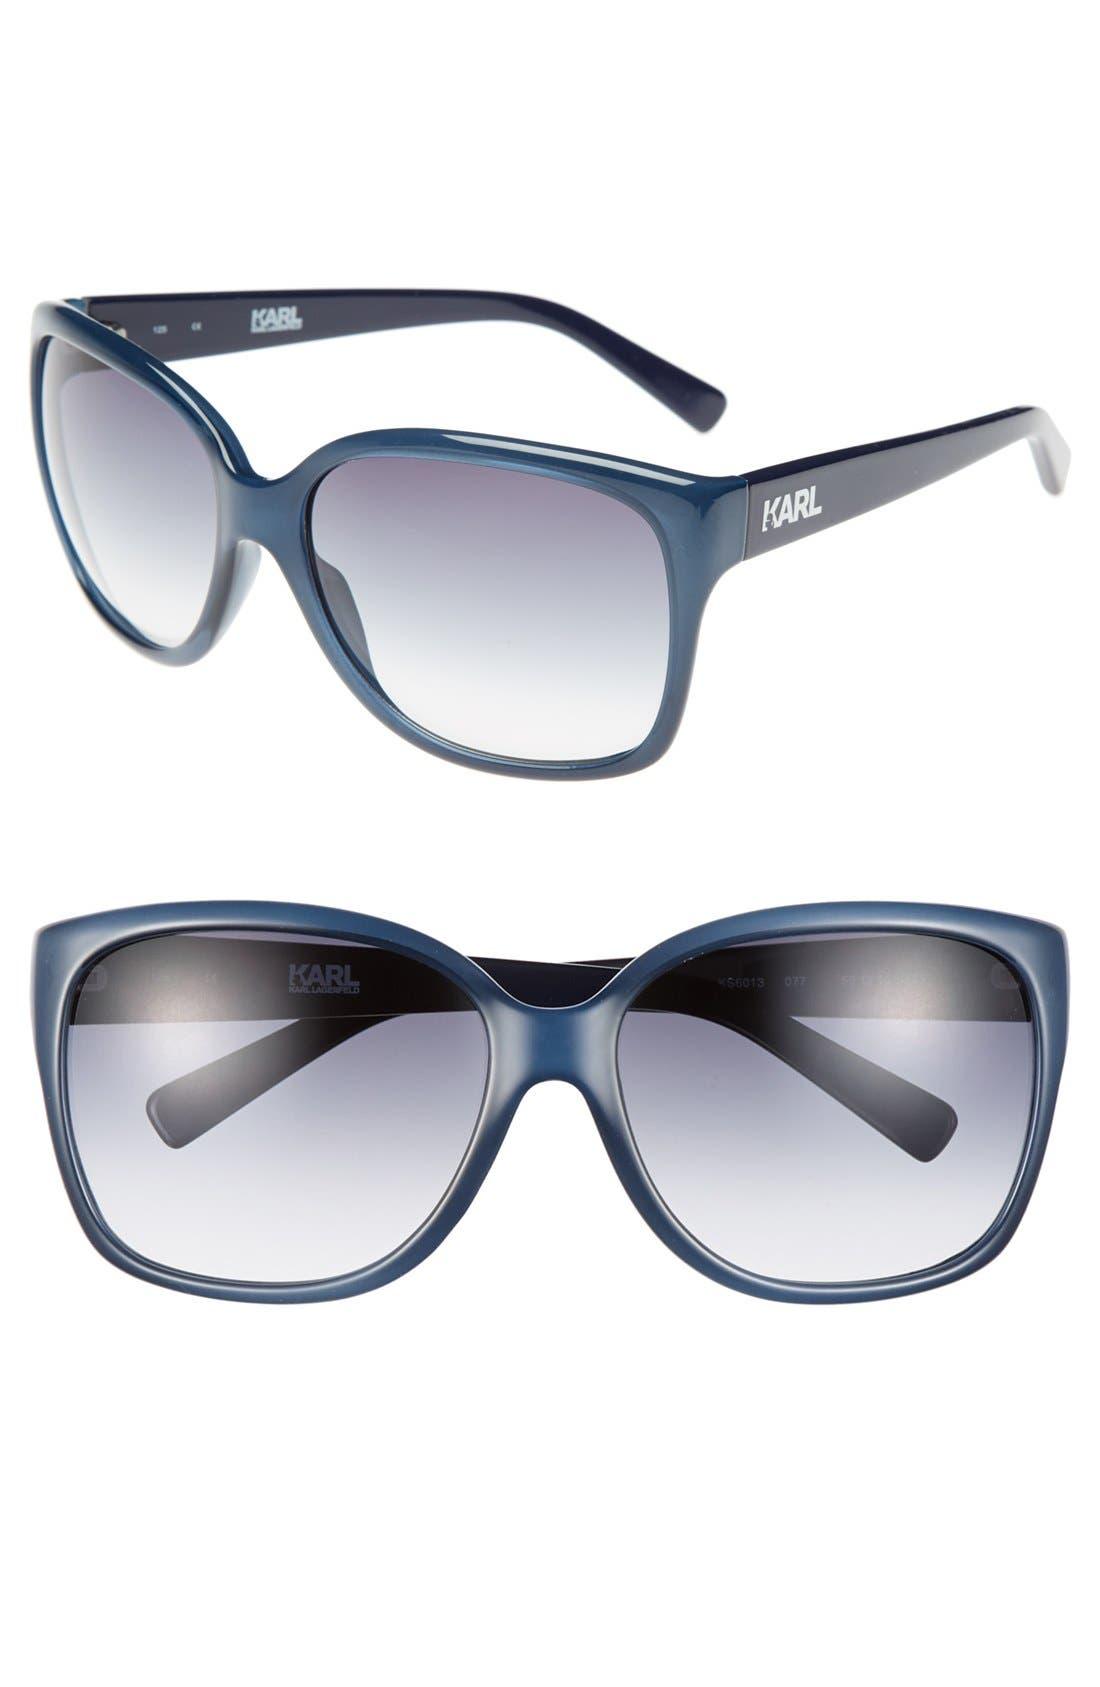 Main Image - Karl Lagerfeld 59mm Rectangular Sunglasses